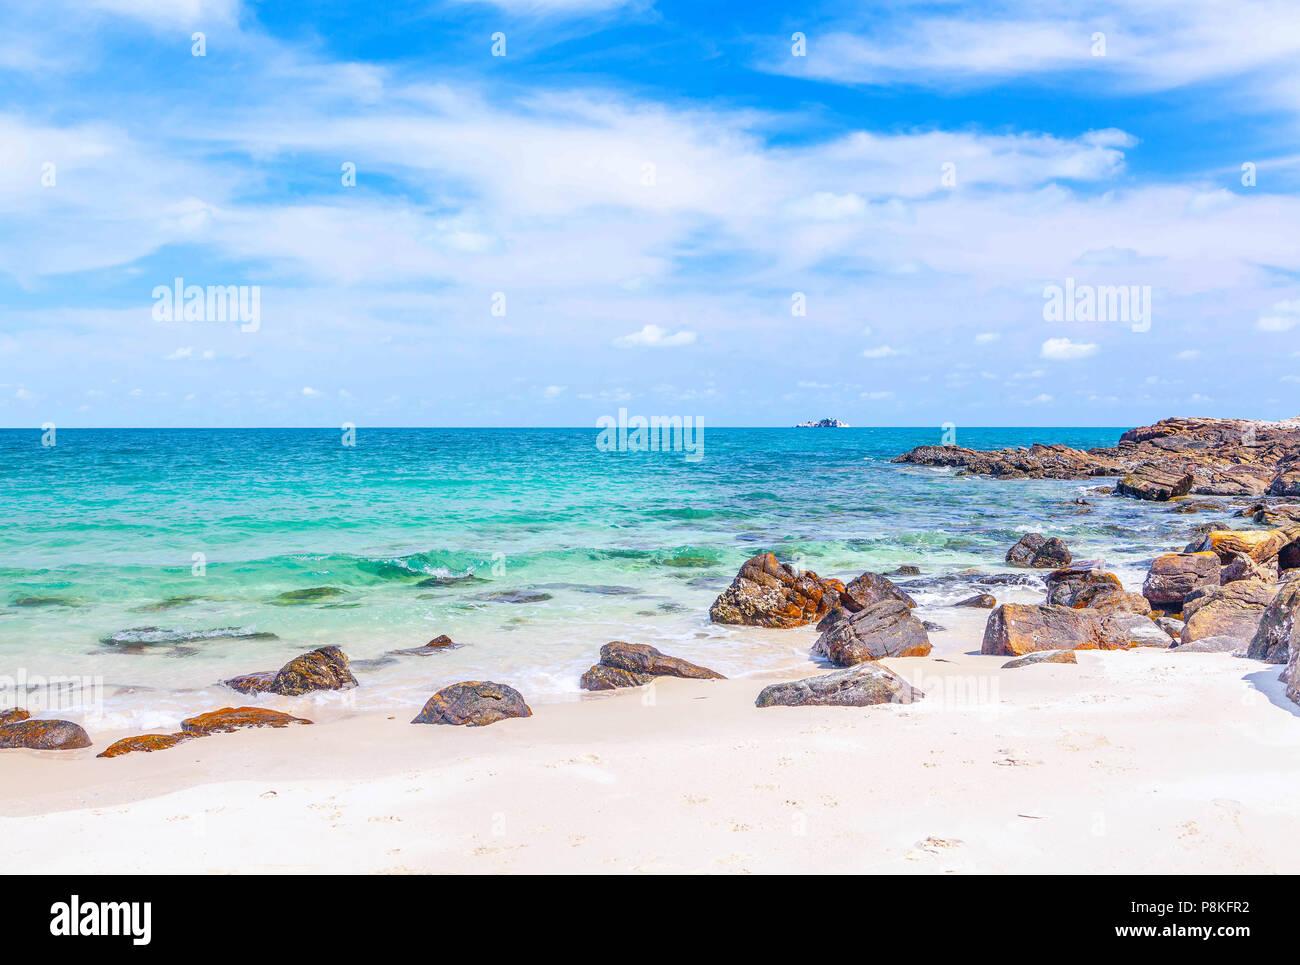 Una hermosa playa de arena en la isla de Samed en Tailandia. Imagen De Stock